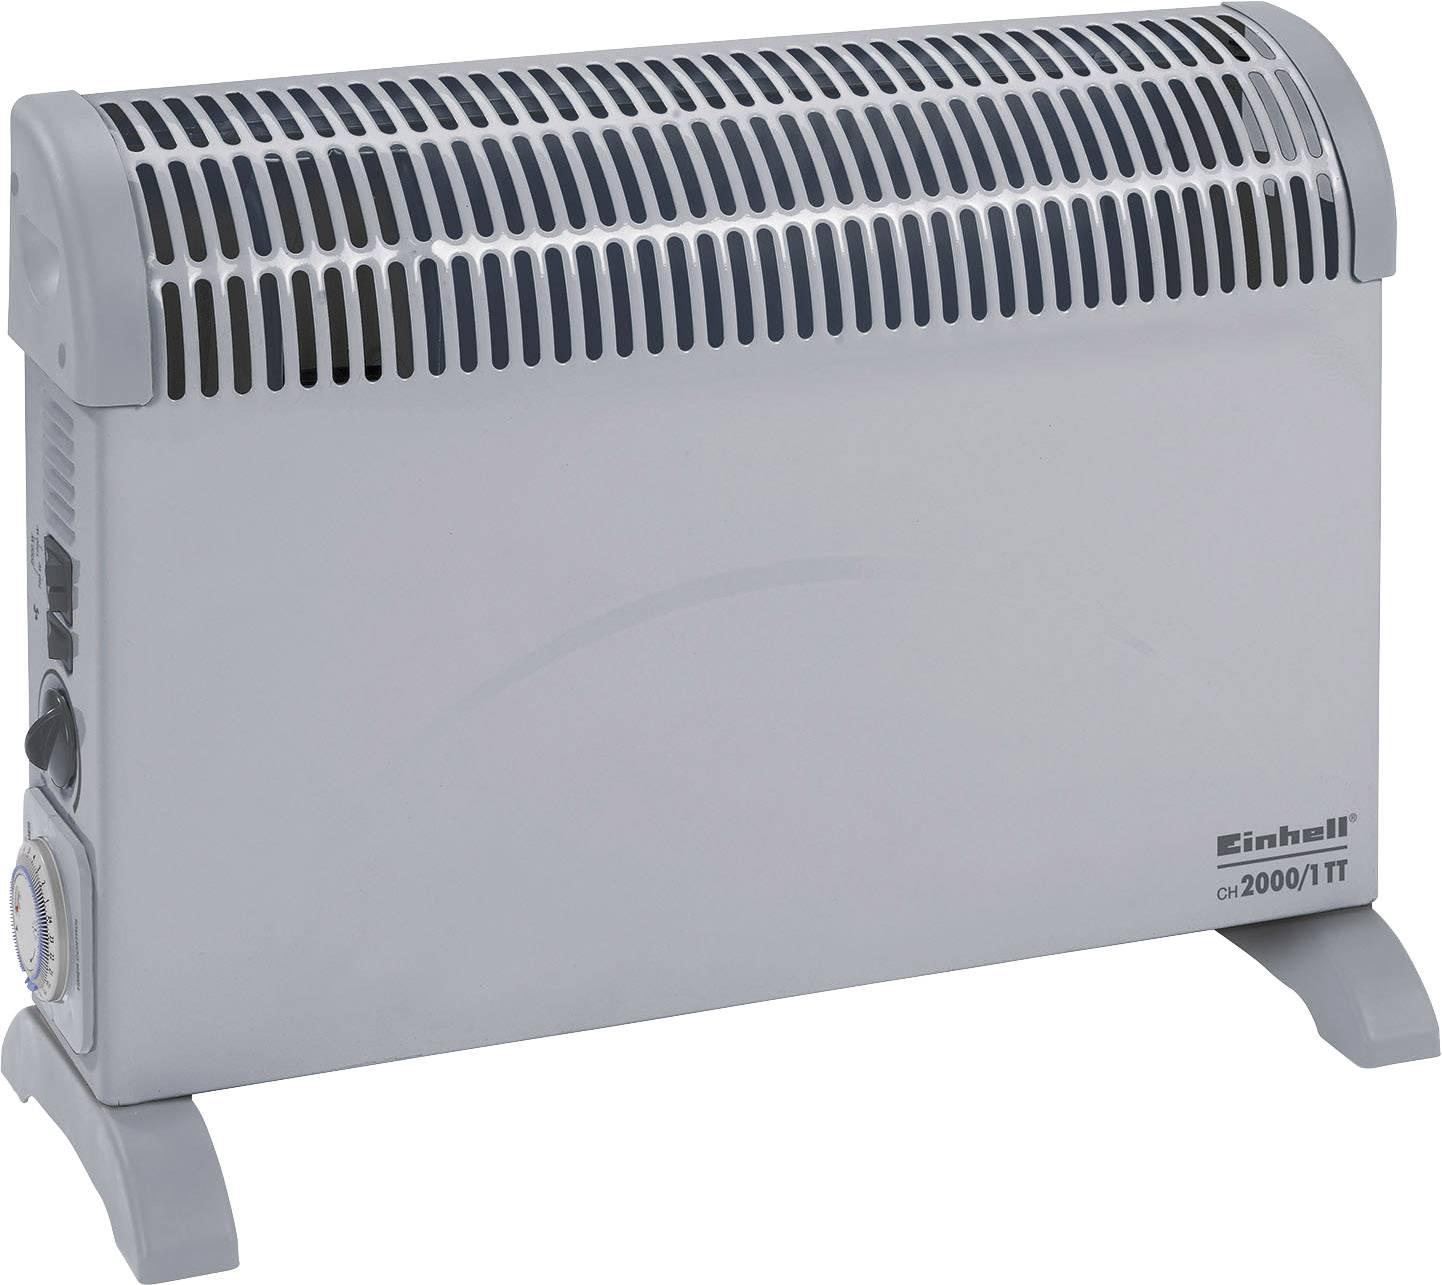 Konvektor für mittlere Räume mit einstellbarer Thermostatregelung